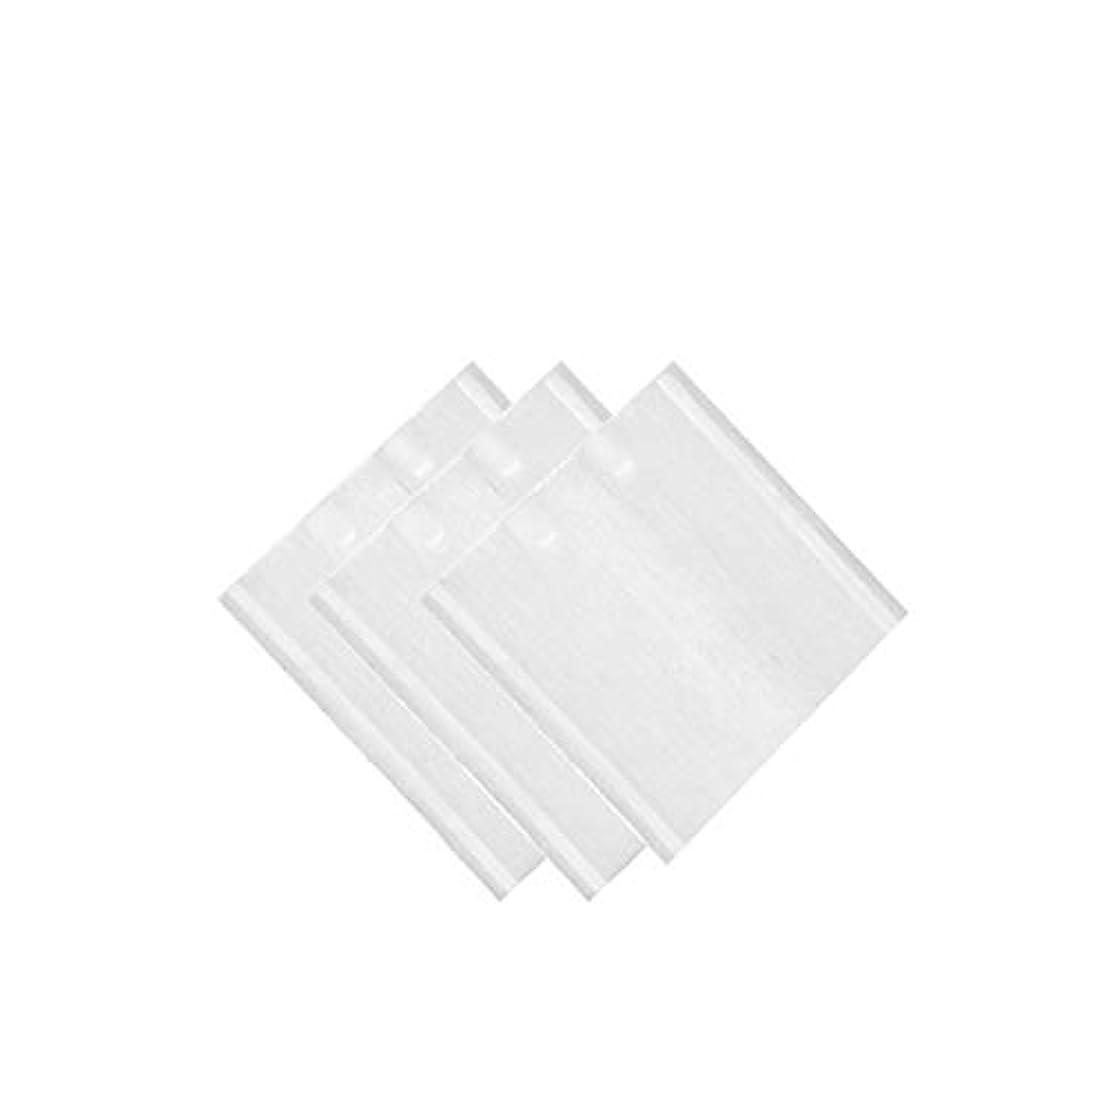 深めるなしで一流アイメイクの綿と222pcsピュアコットン化粧水の保全白い柔らかい優しいメイクツール